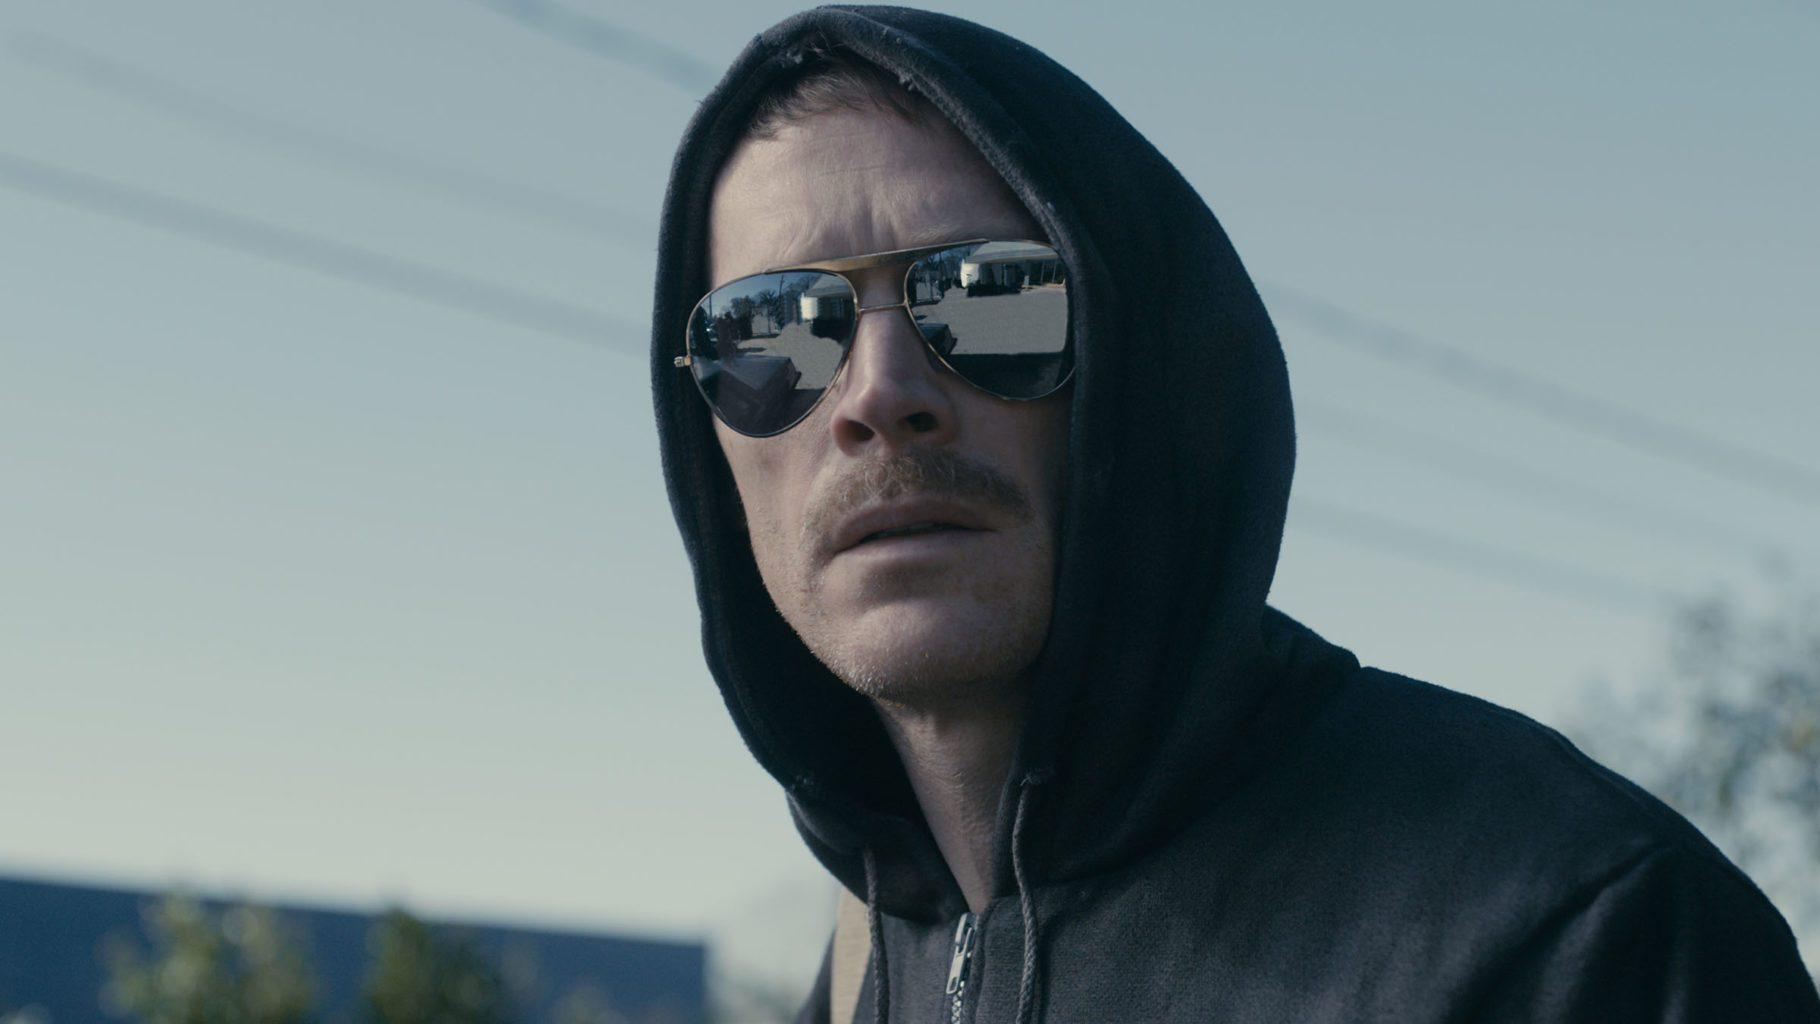 Motivos Para Assistir a Série Manhunt: Unabomber